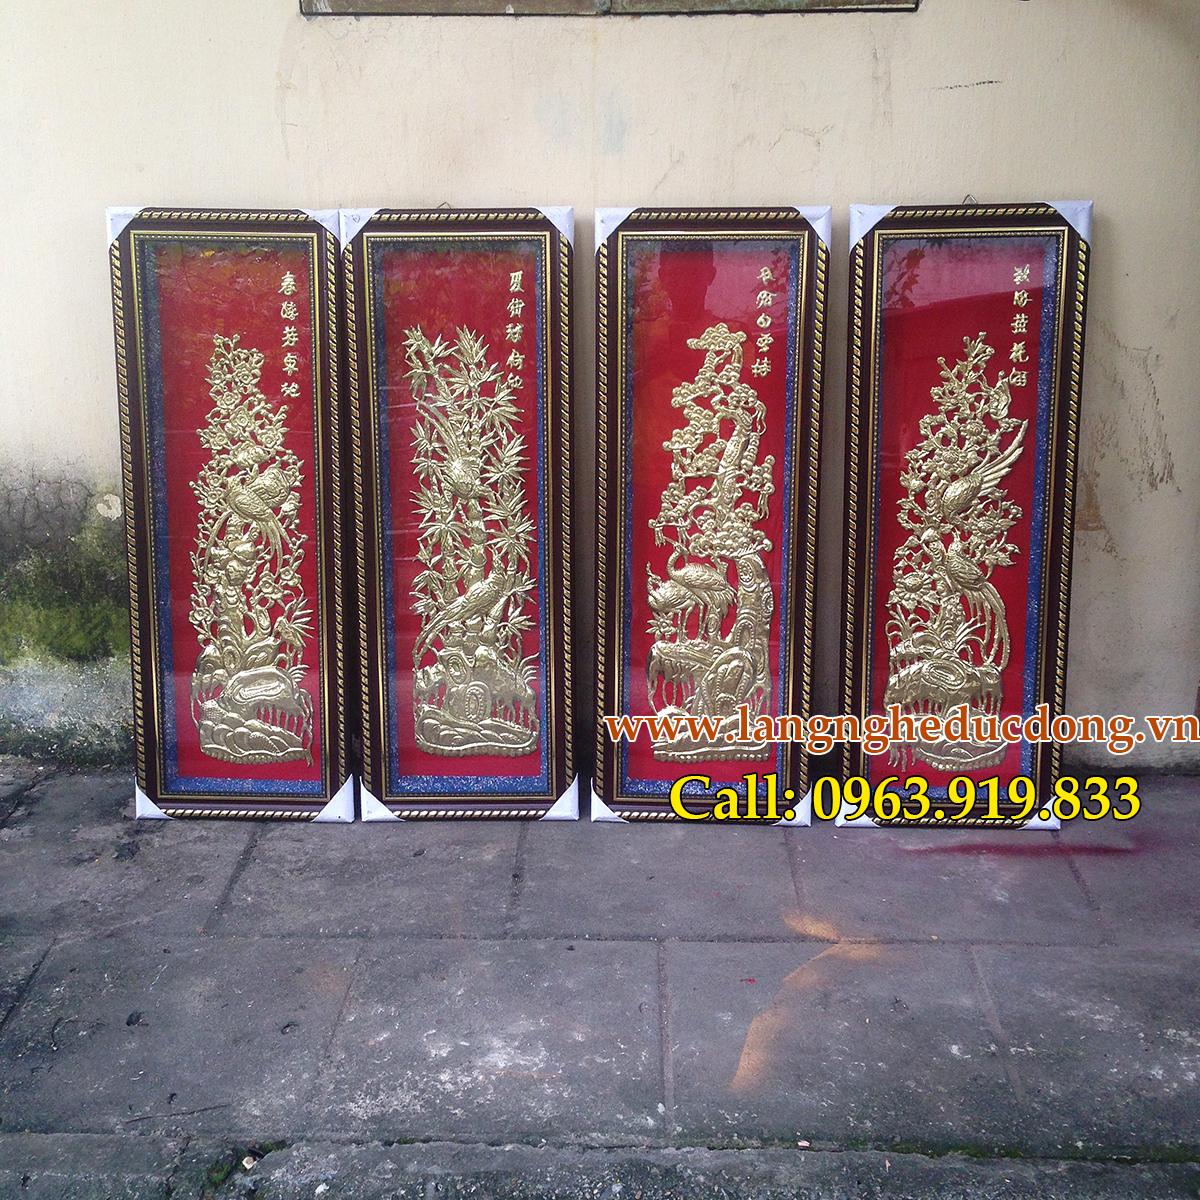 langngheducdong.vn - Tùng Cúc Trúc Mai, tranh bốn mùa Xuân Hạ Thu Đông